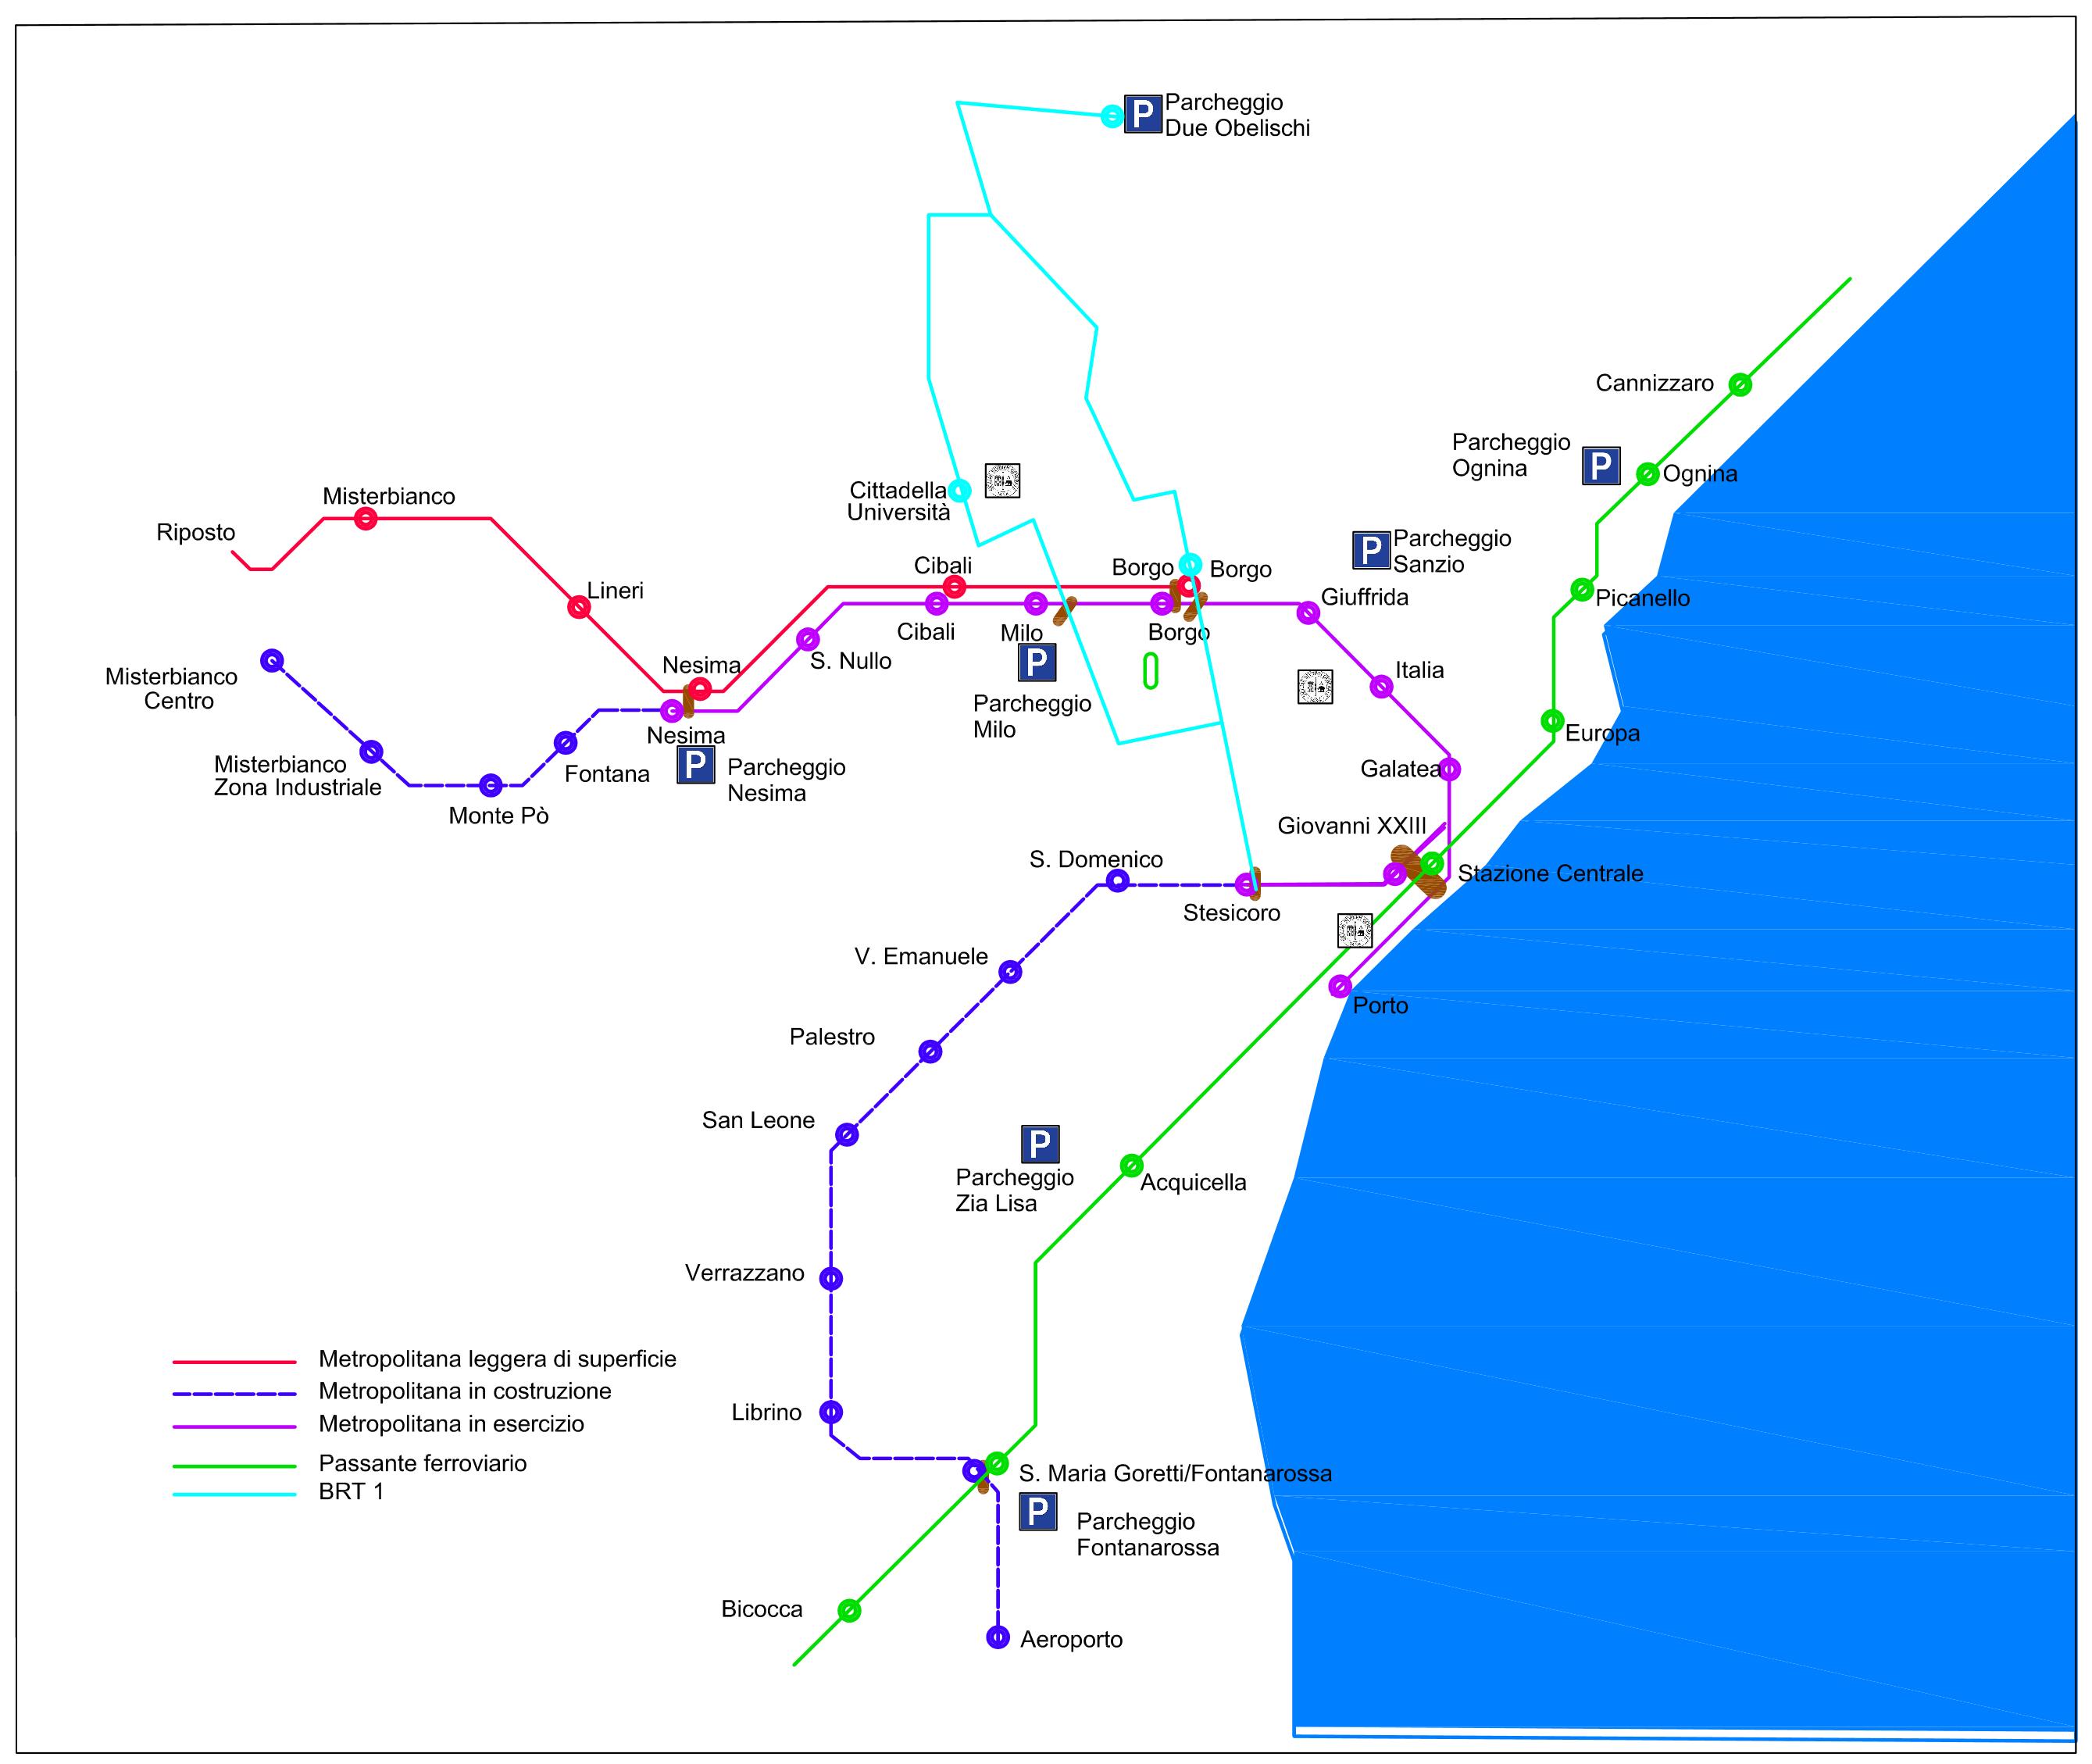 Nell'immagine di copertina: percorso del passante Rfi nel tratto urbano (in verde), interconnesso con la metropolitana Fce (in rosso) e il BRT 1 (in azzurro).